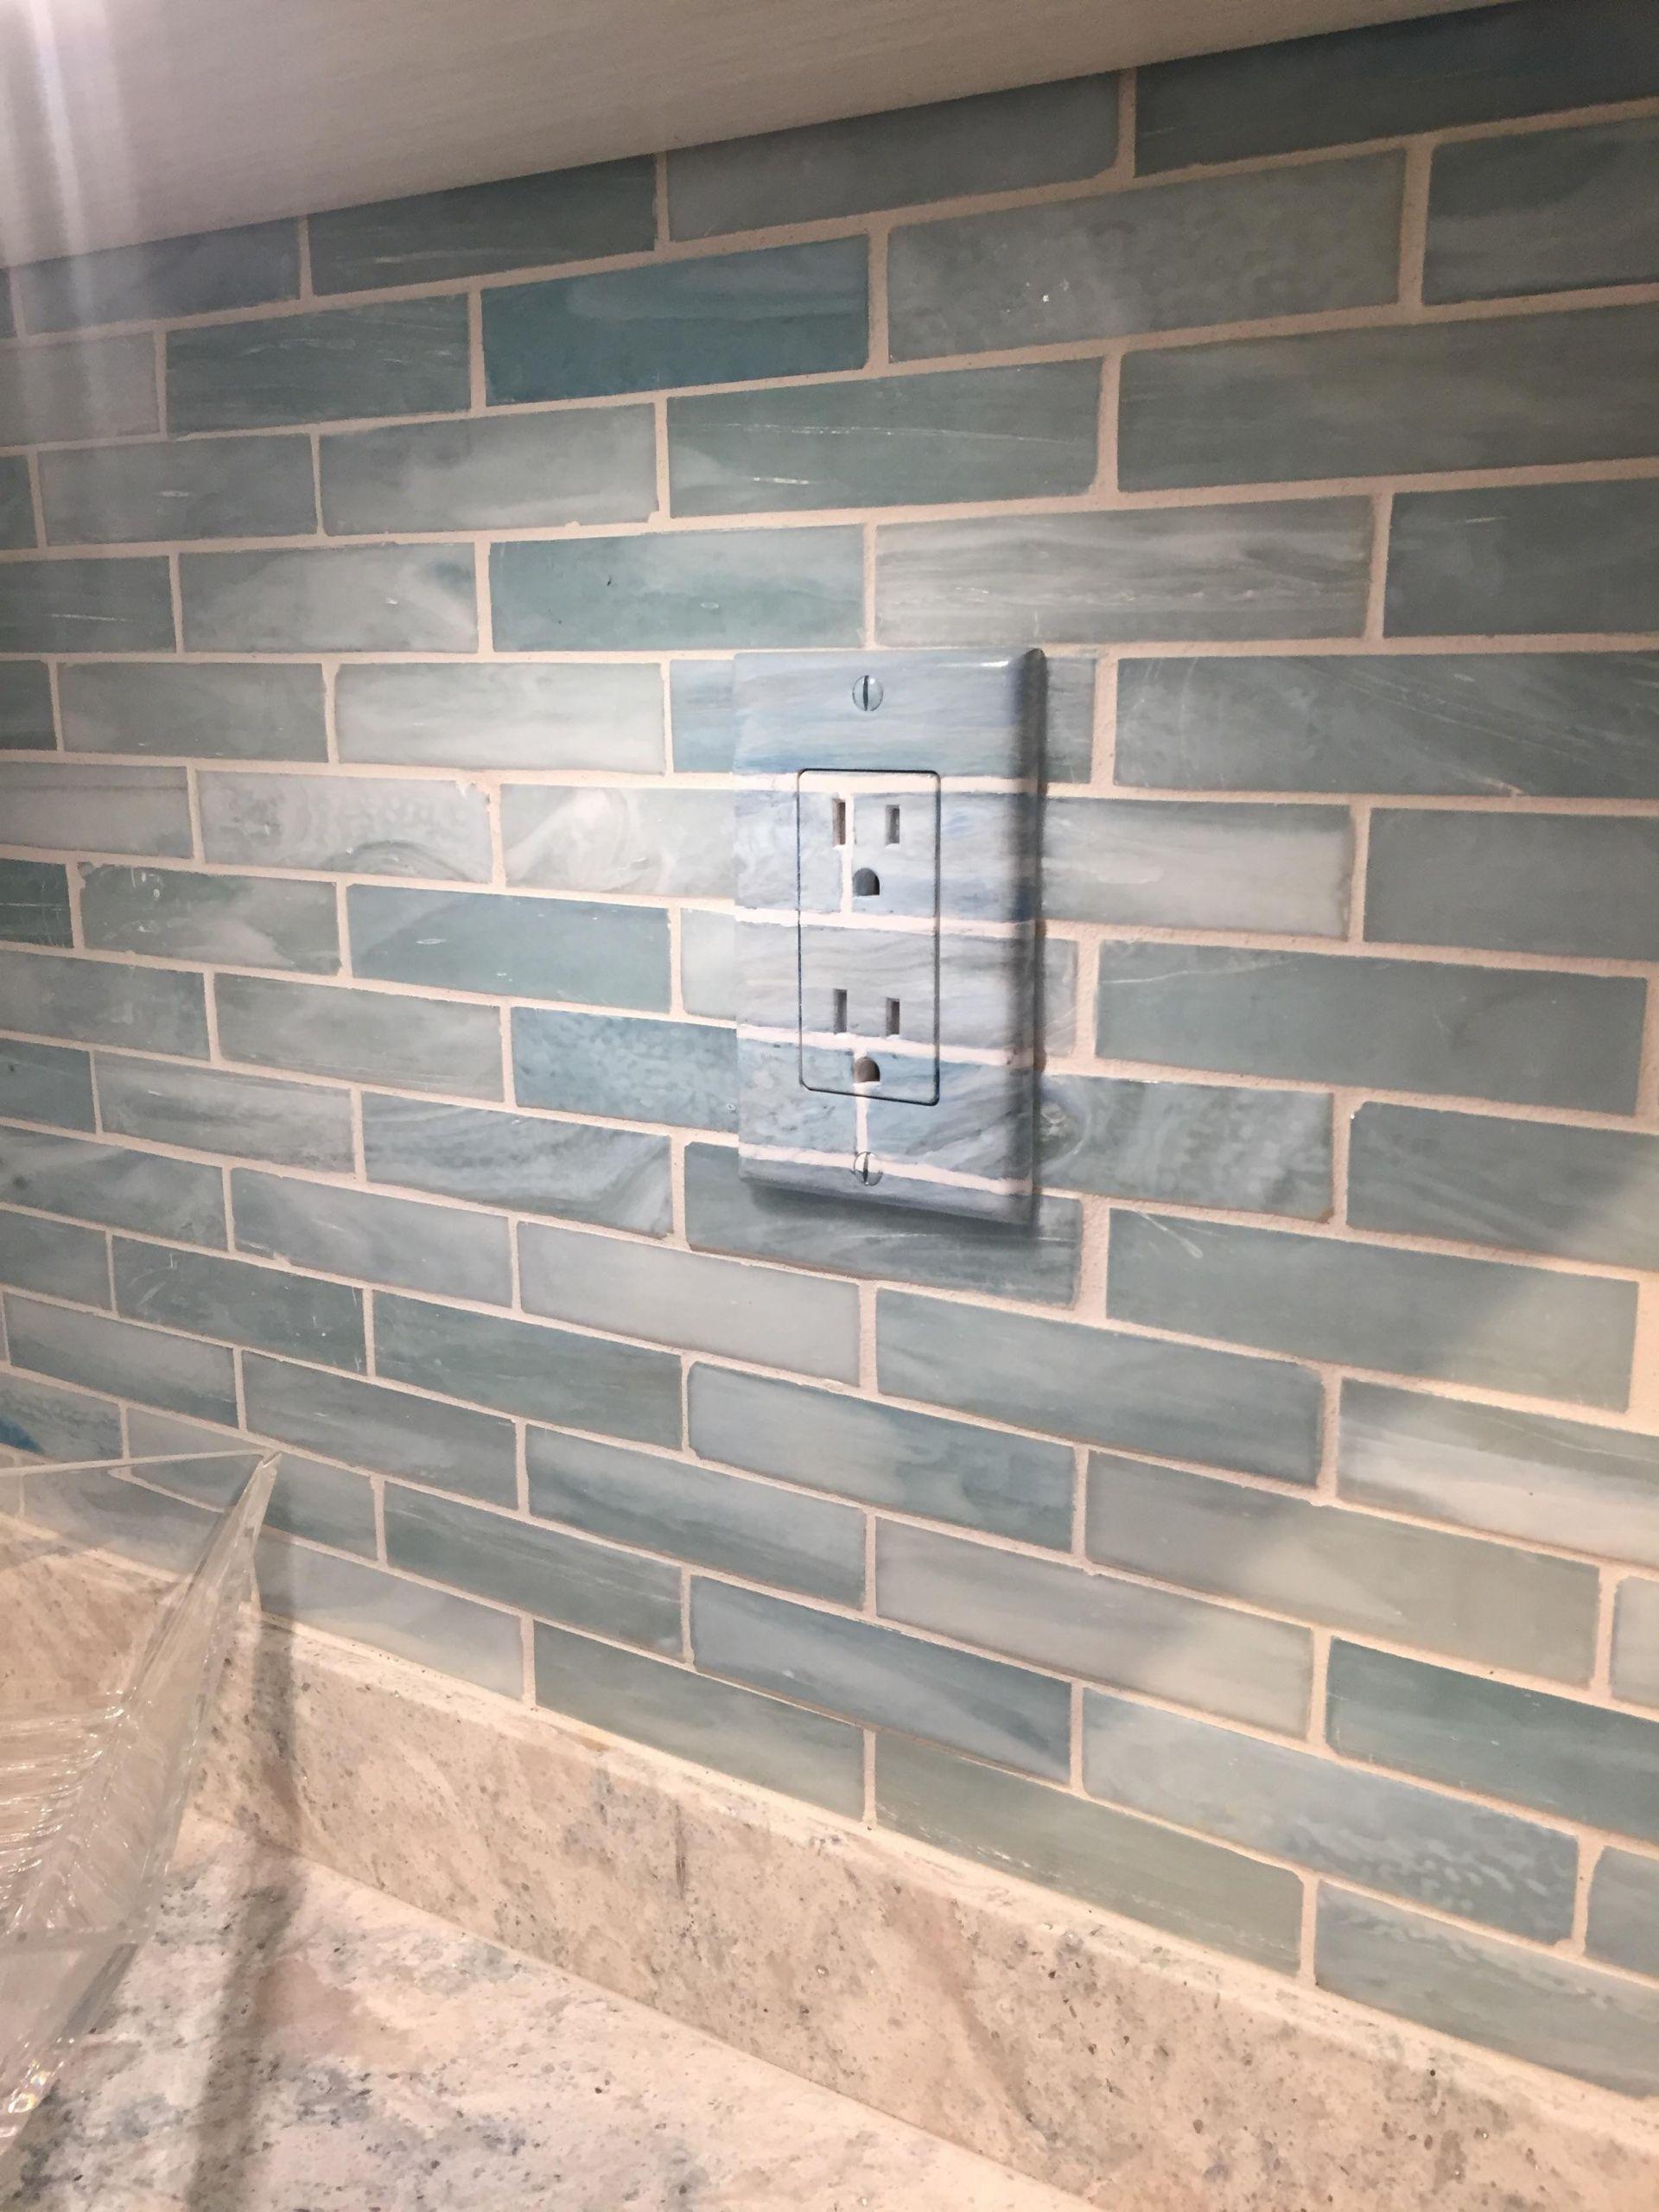 Kitchen Backsplash Outlets  Outlet that blends into tile backsplash mildlyinteresting